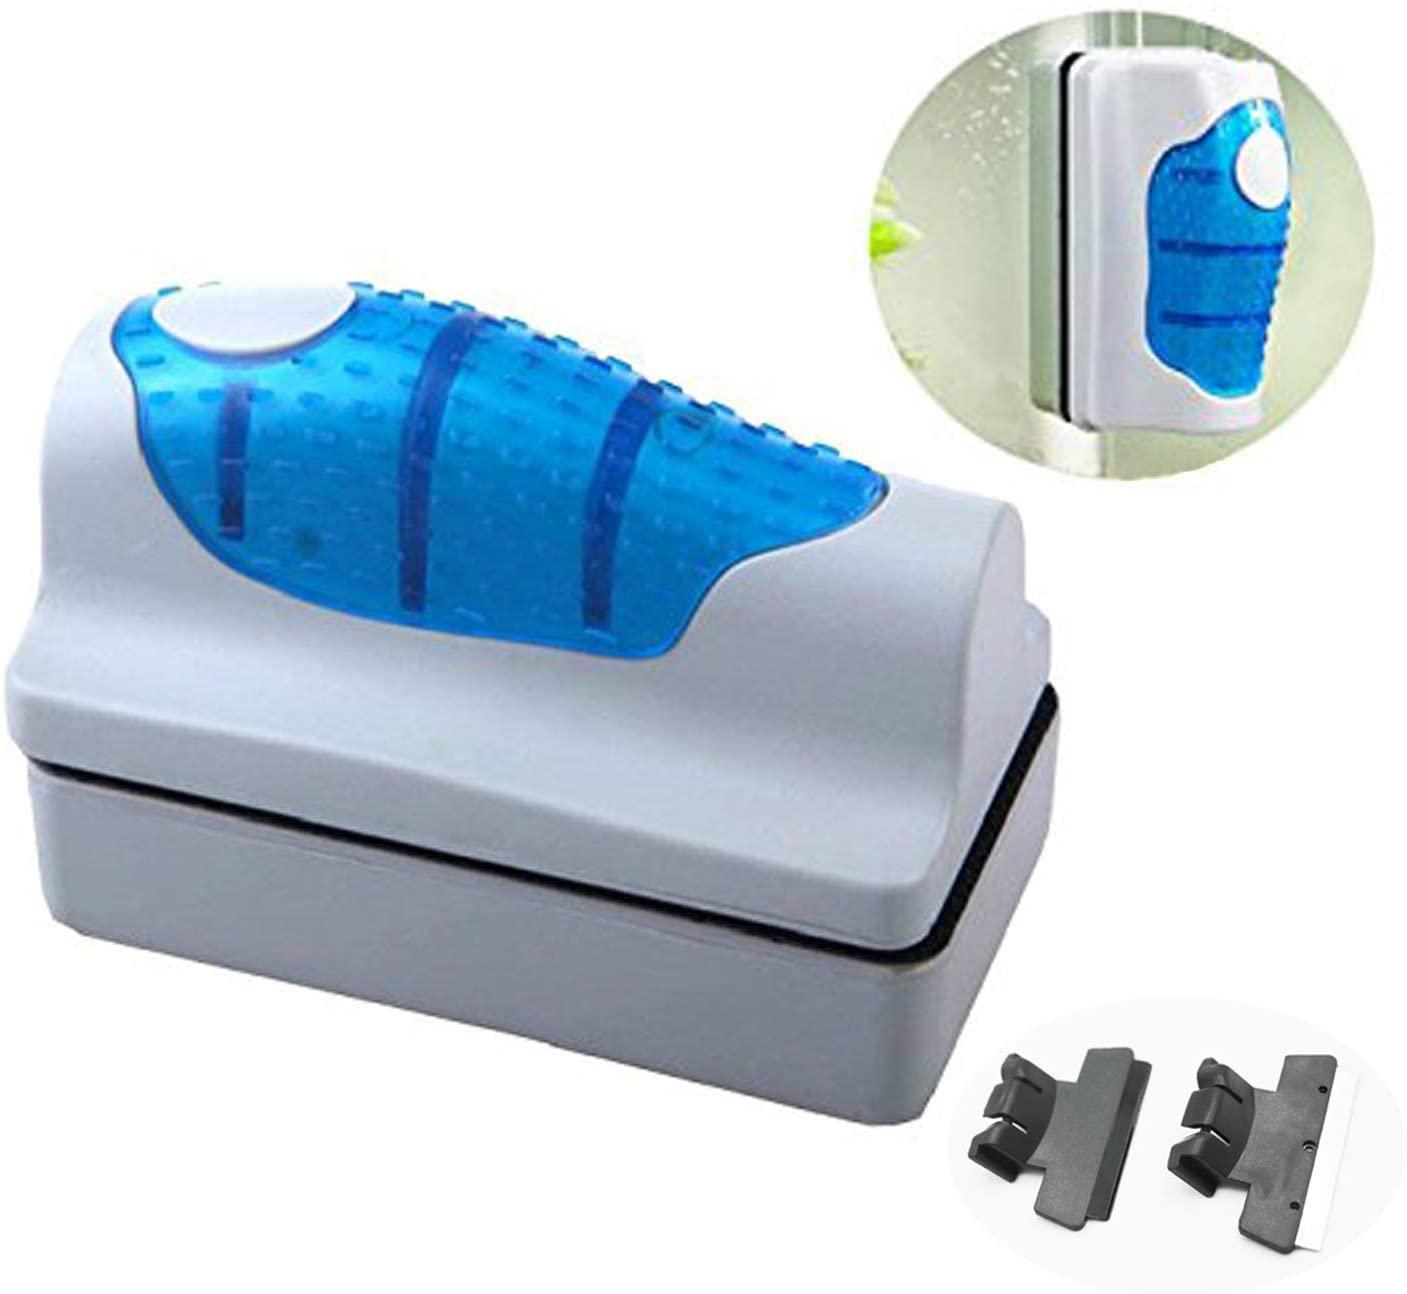 Amicc Magnetic Brush Glass Algae Scraper Cleaner Aquarium Fish Tank Floating Curve